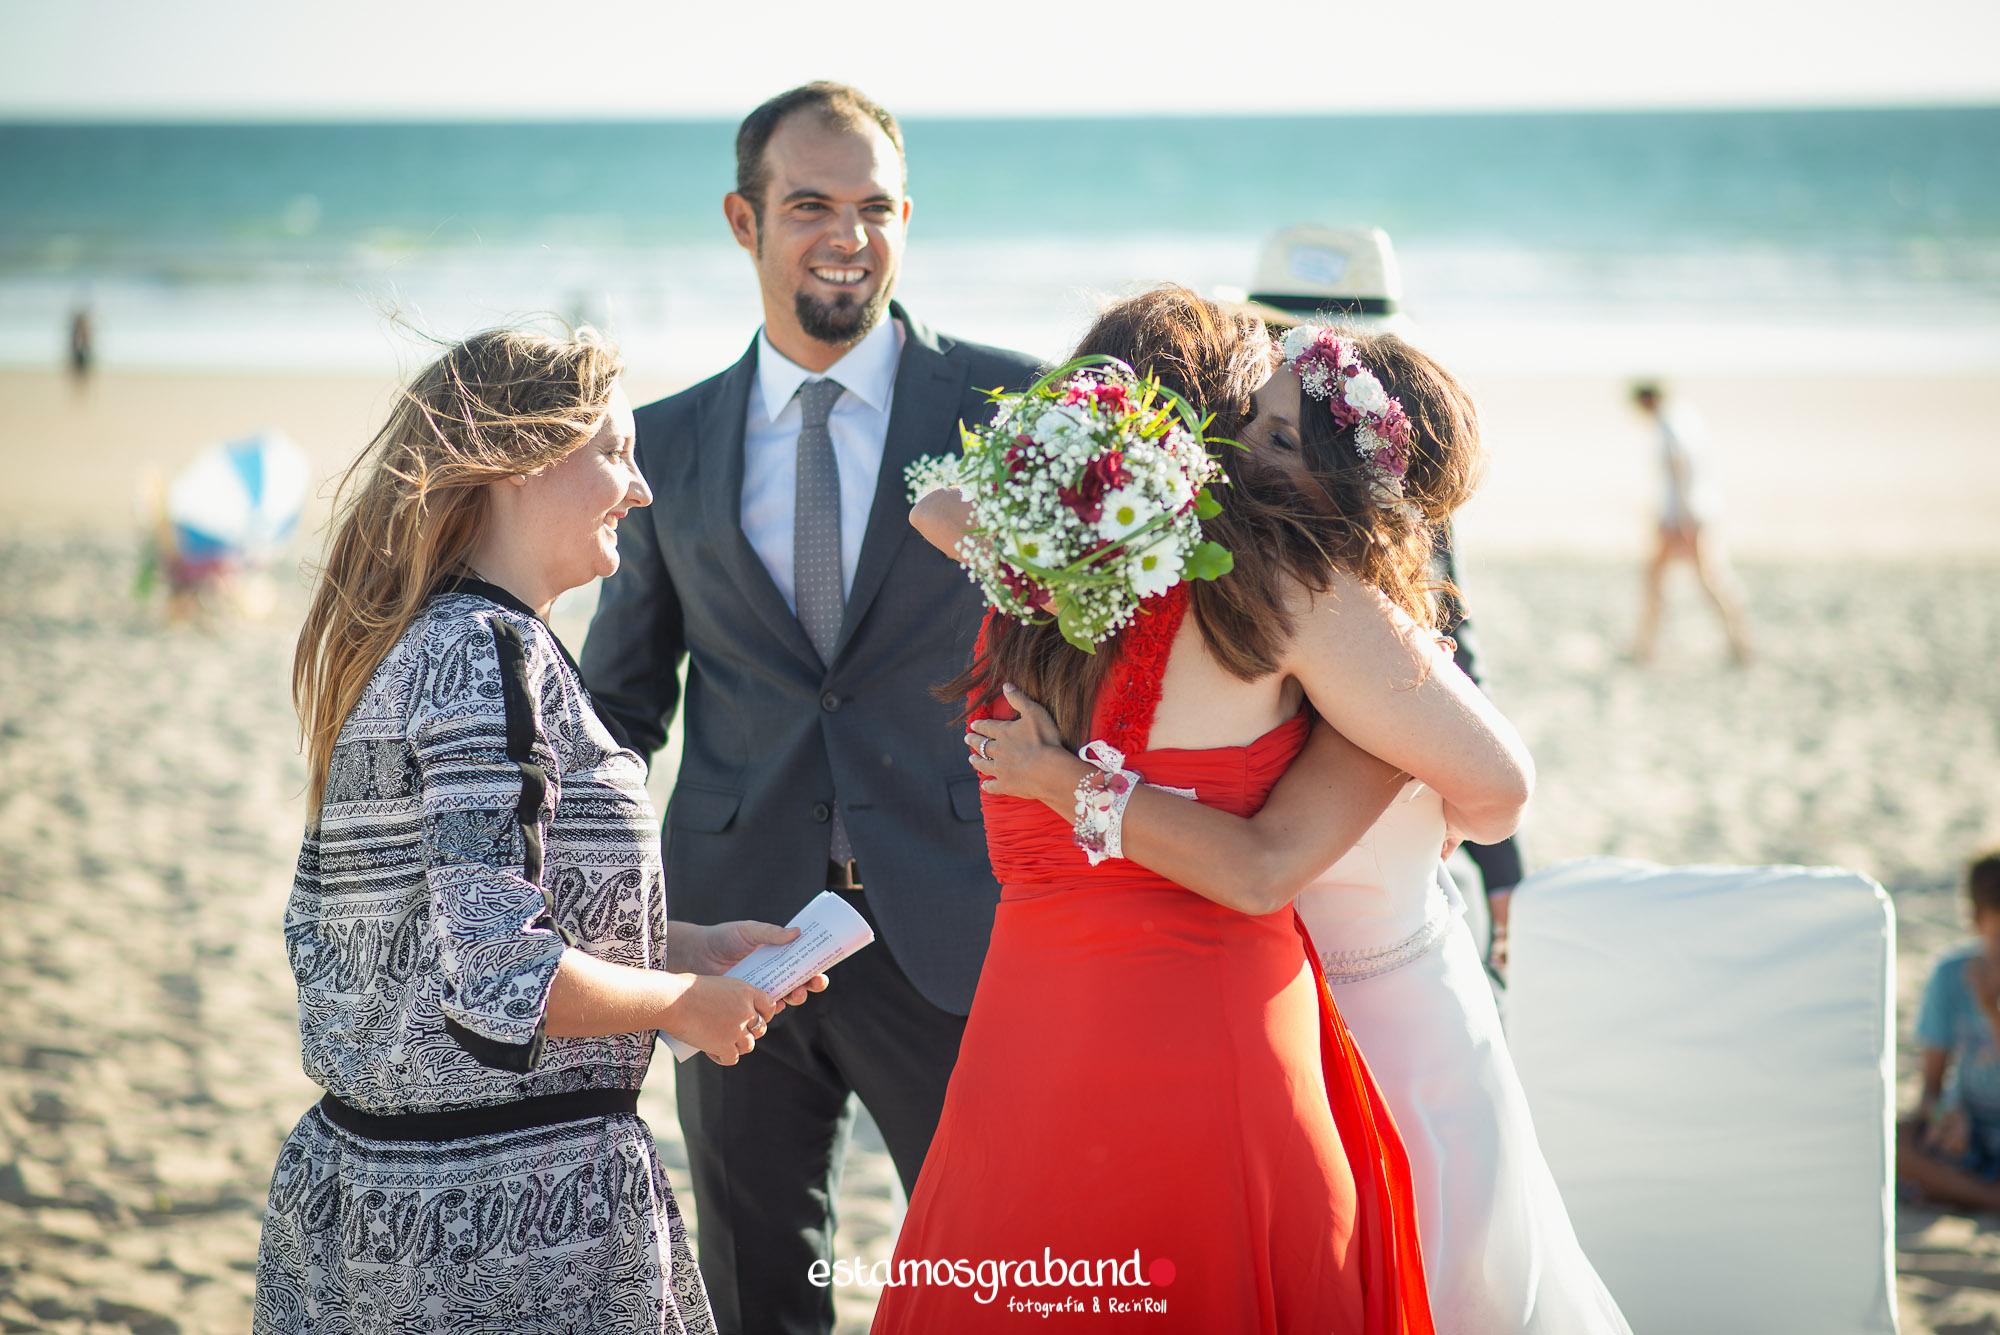 LARA-Y-MIGUE-BACK-TO-DE-THE-WEDDING-6-2 Los invitados de Lara & Migue [Back to the wedding_Club de Golf Costa Ballena] - video boda cadiz